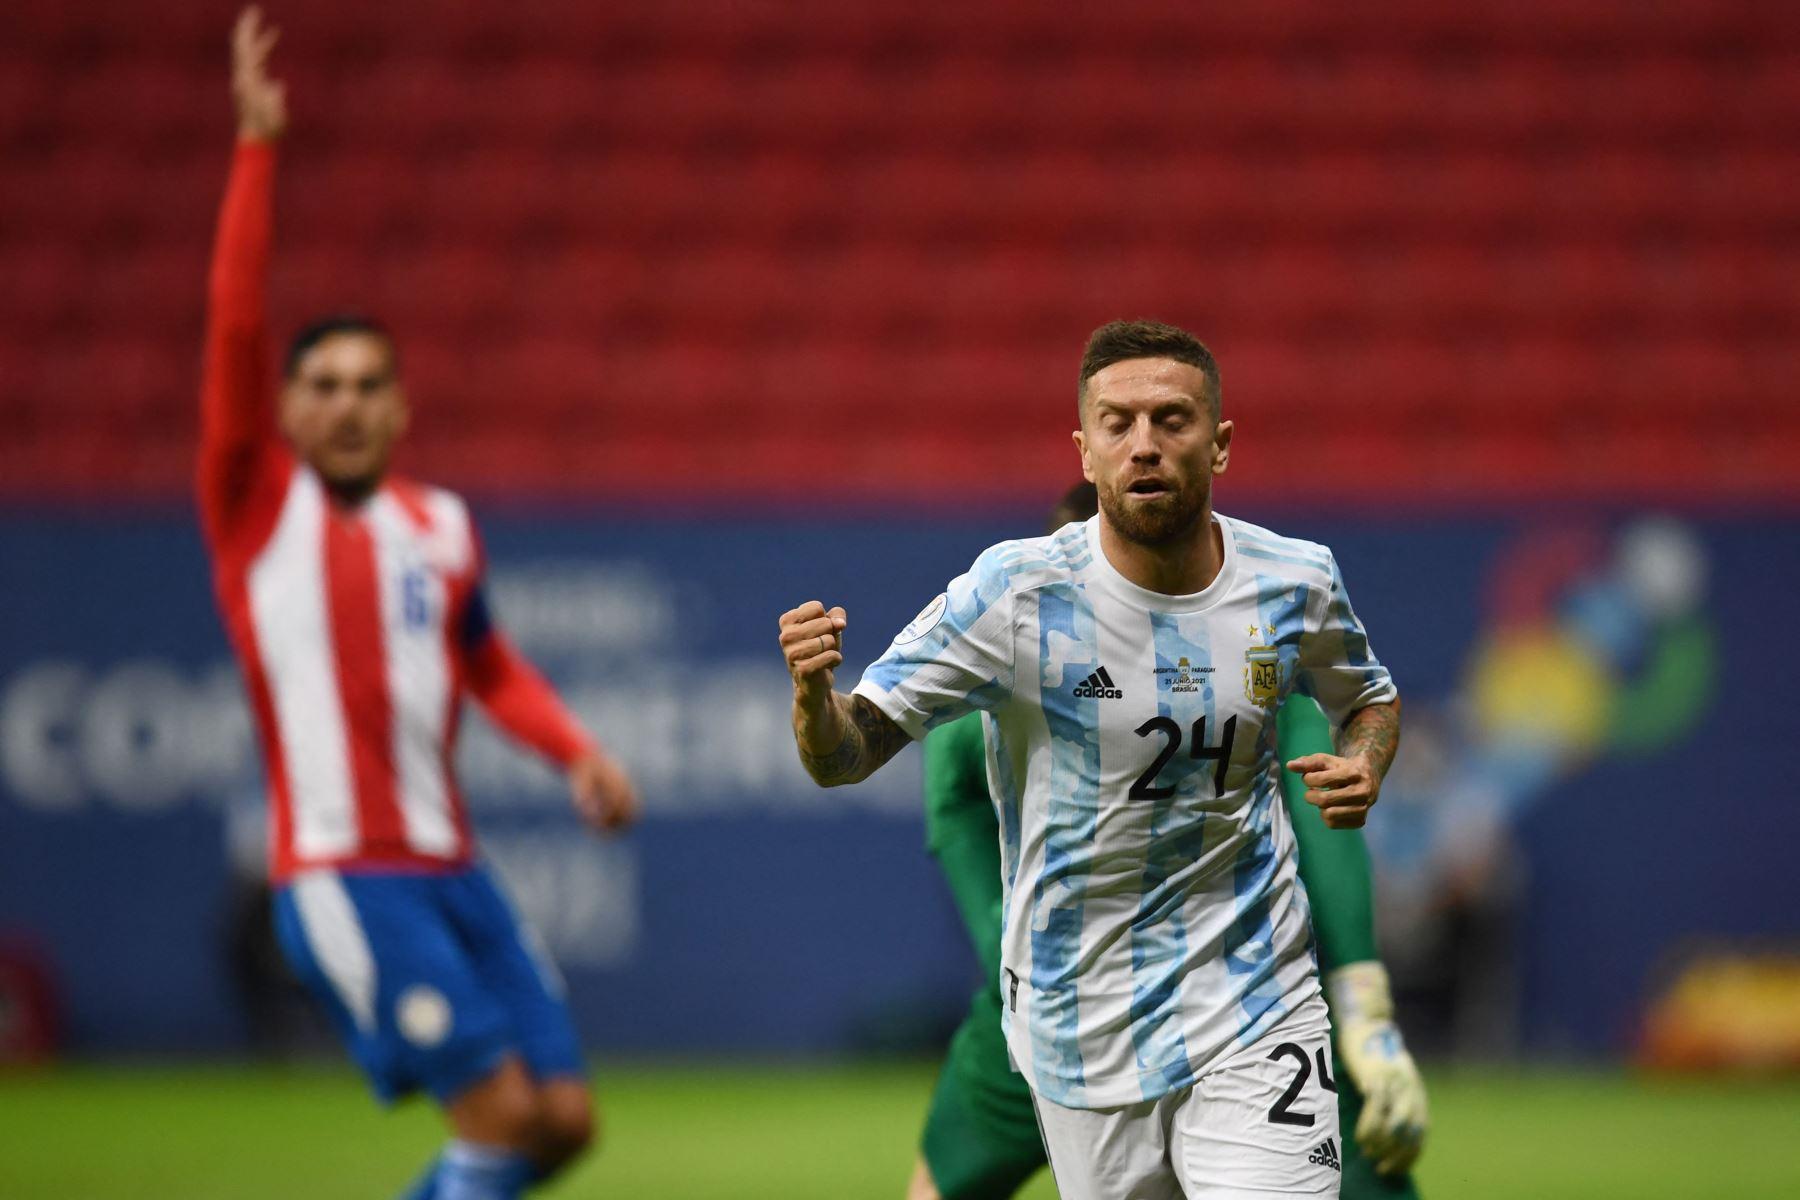 El argentino Alejandro Gómez celebra tras anotar contra Paraguay durante el partido de la fase de grupos del torneo de fútbol Conmebol Copa América 2021 en el Estadio Mane Garrincha de Brasilia. Foto: AFP